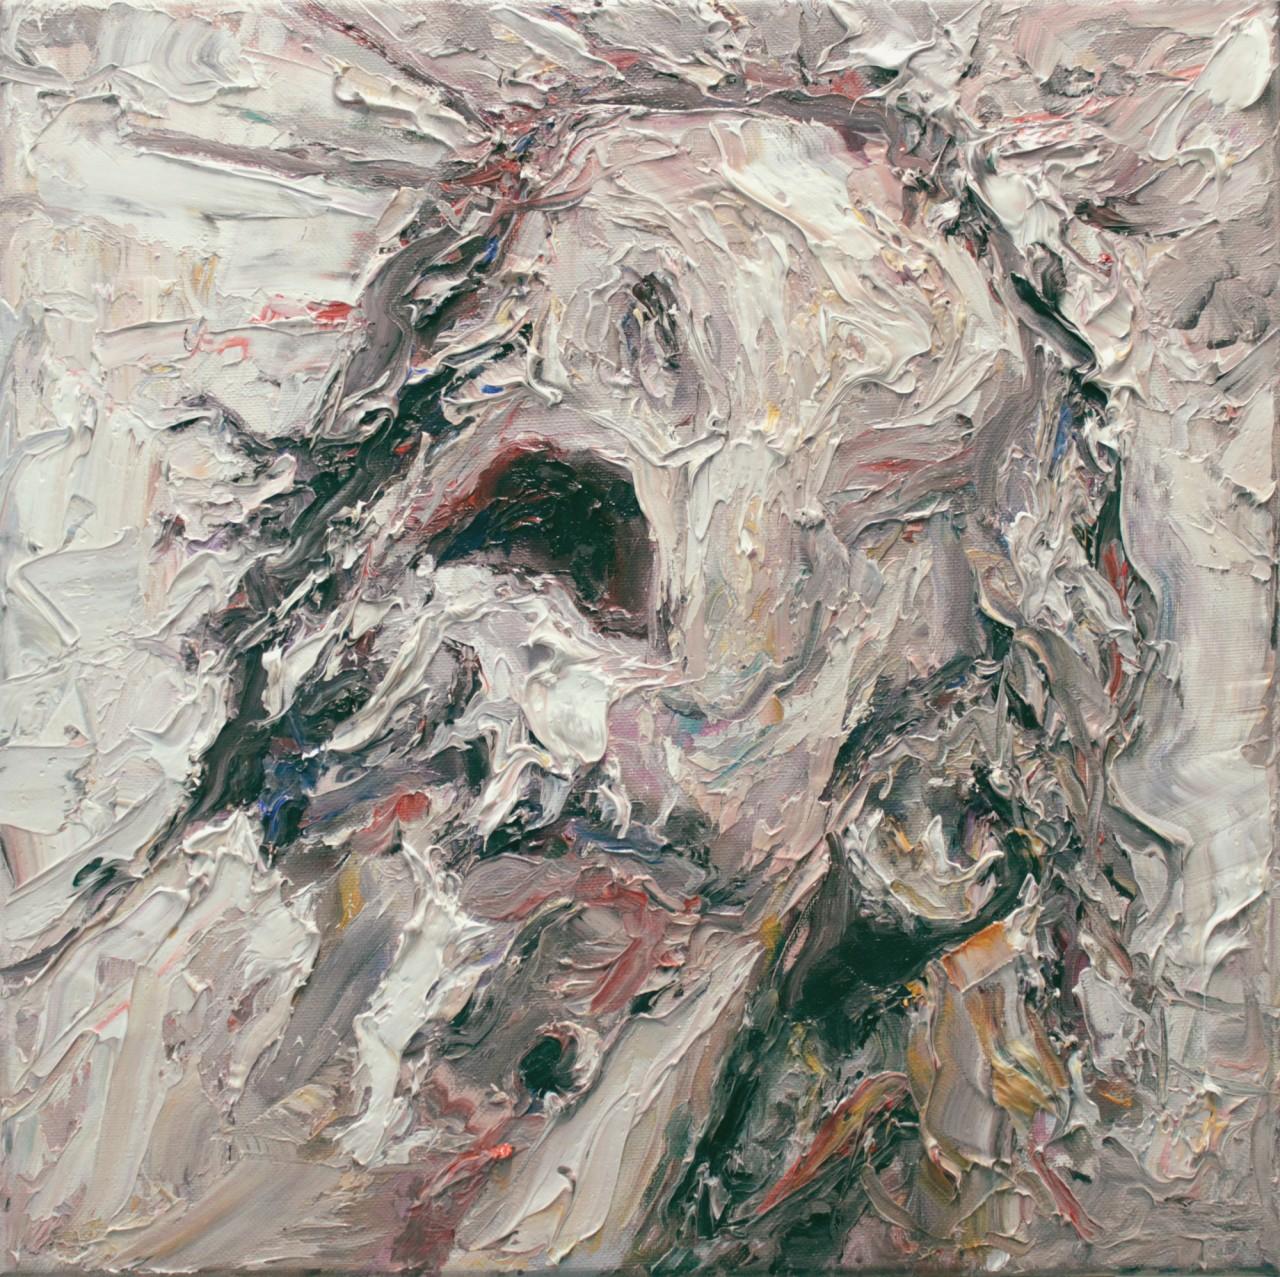 Illuminati II - Cerezo Montilla - compar cuadros modernos, comprar cuadros, cuadros modernos